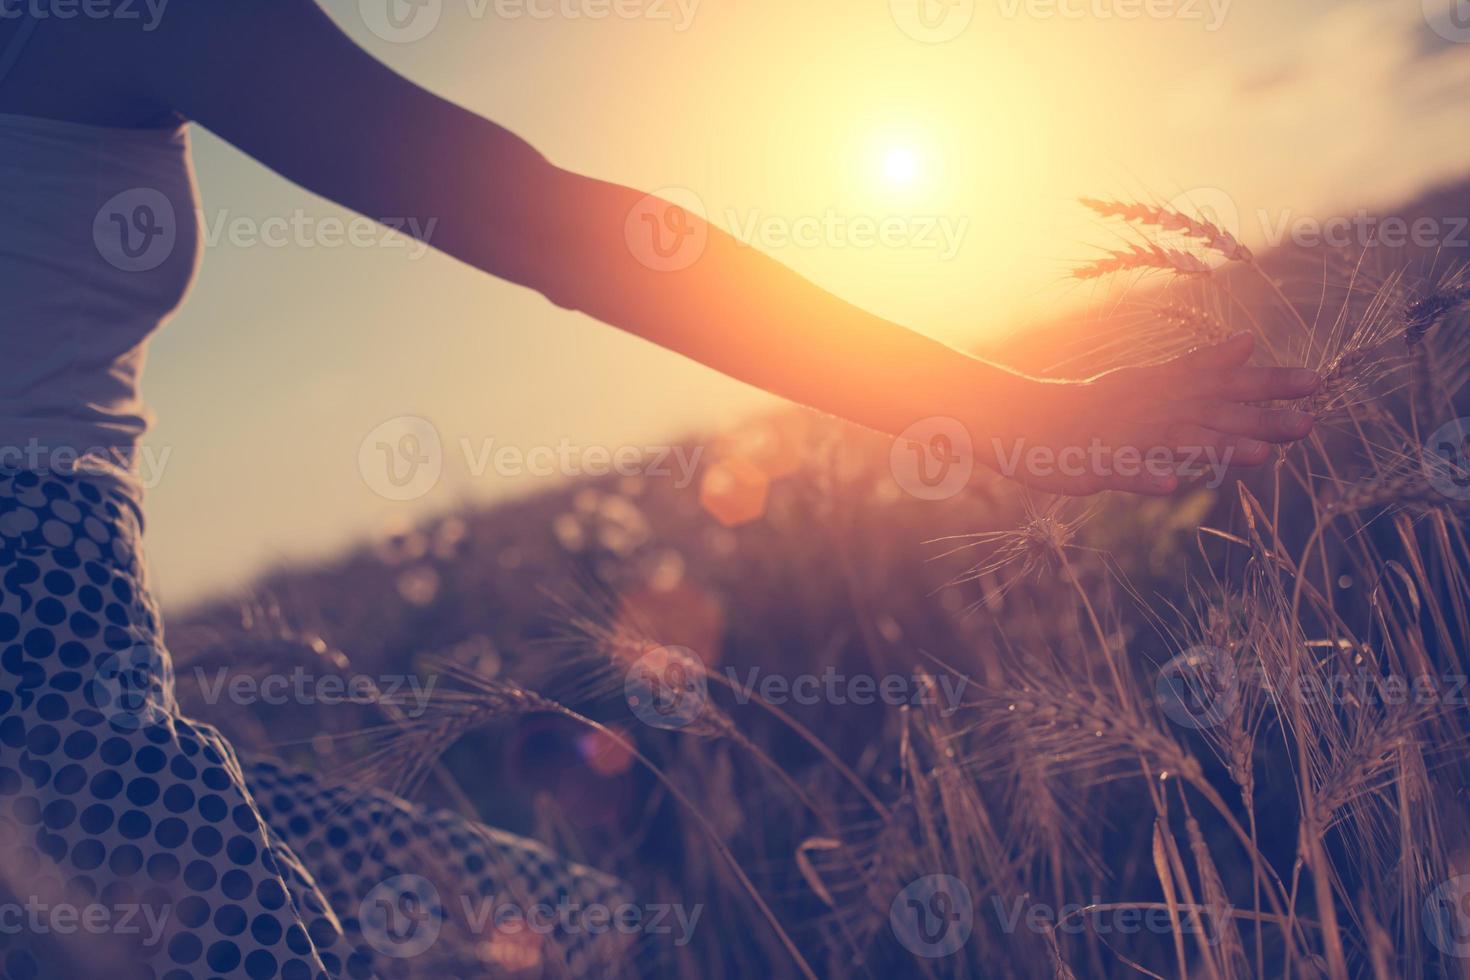 Mädchenhand berührt Weizenspitzen foto